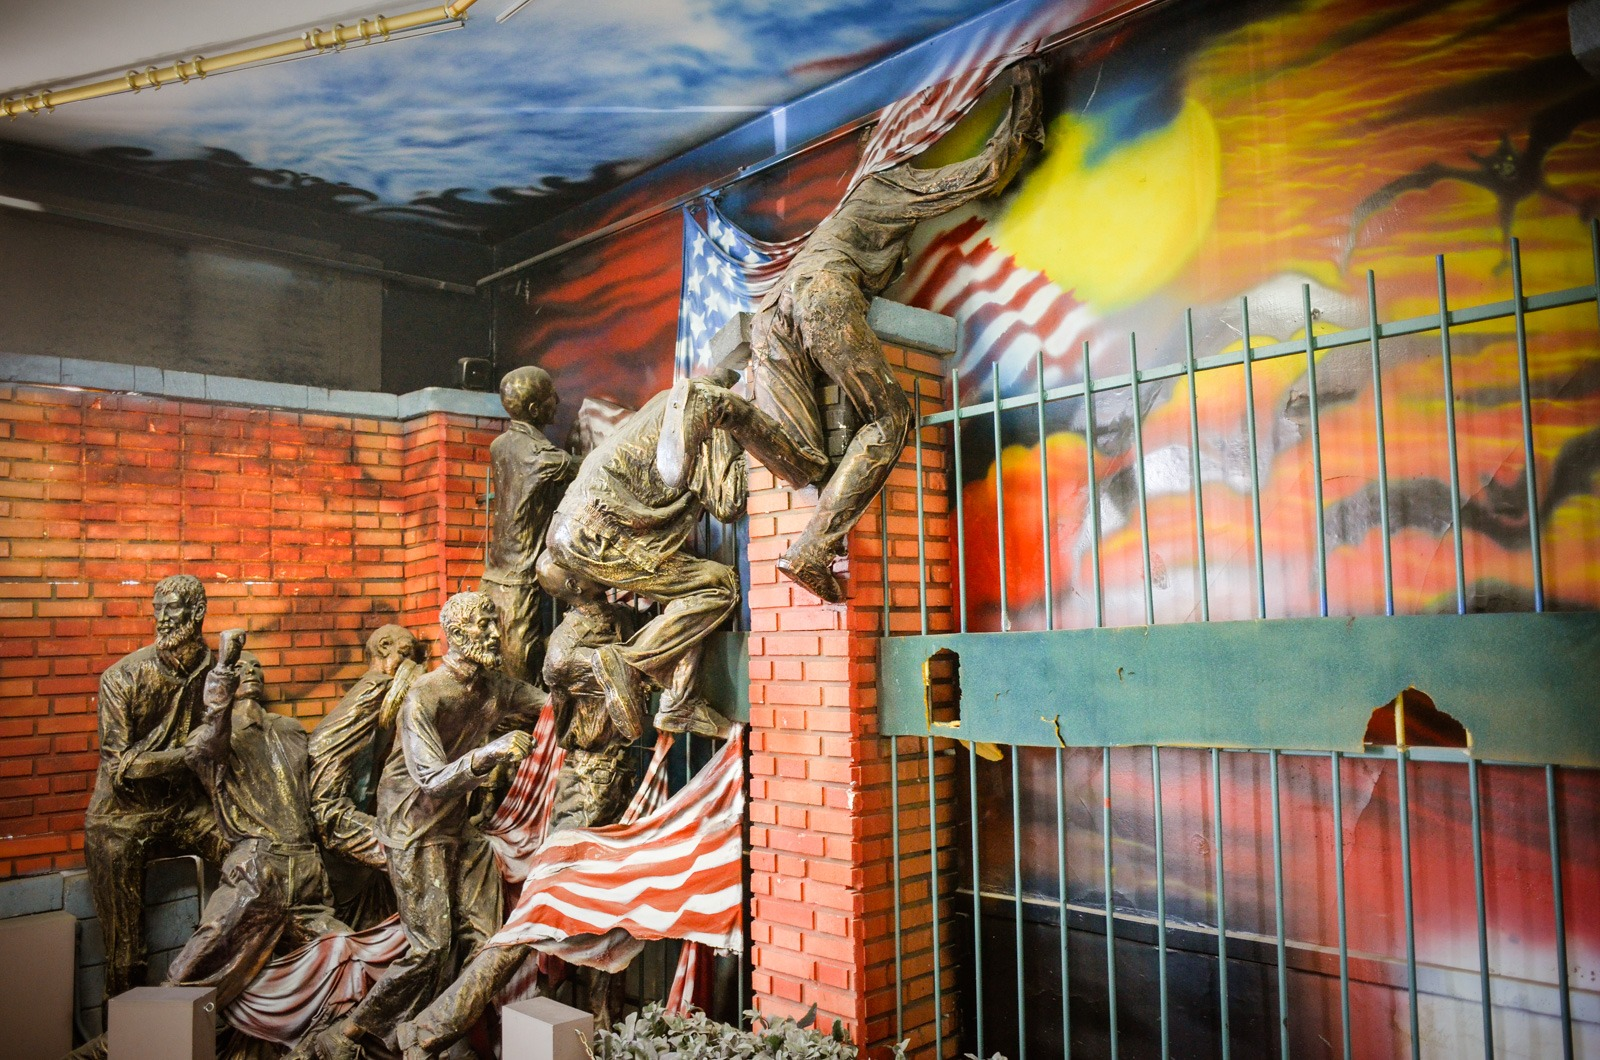 Sturm der ehemaliigen amerikanischen Botschaft - Iran - Teheran